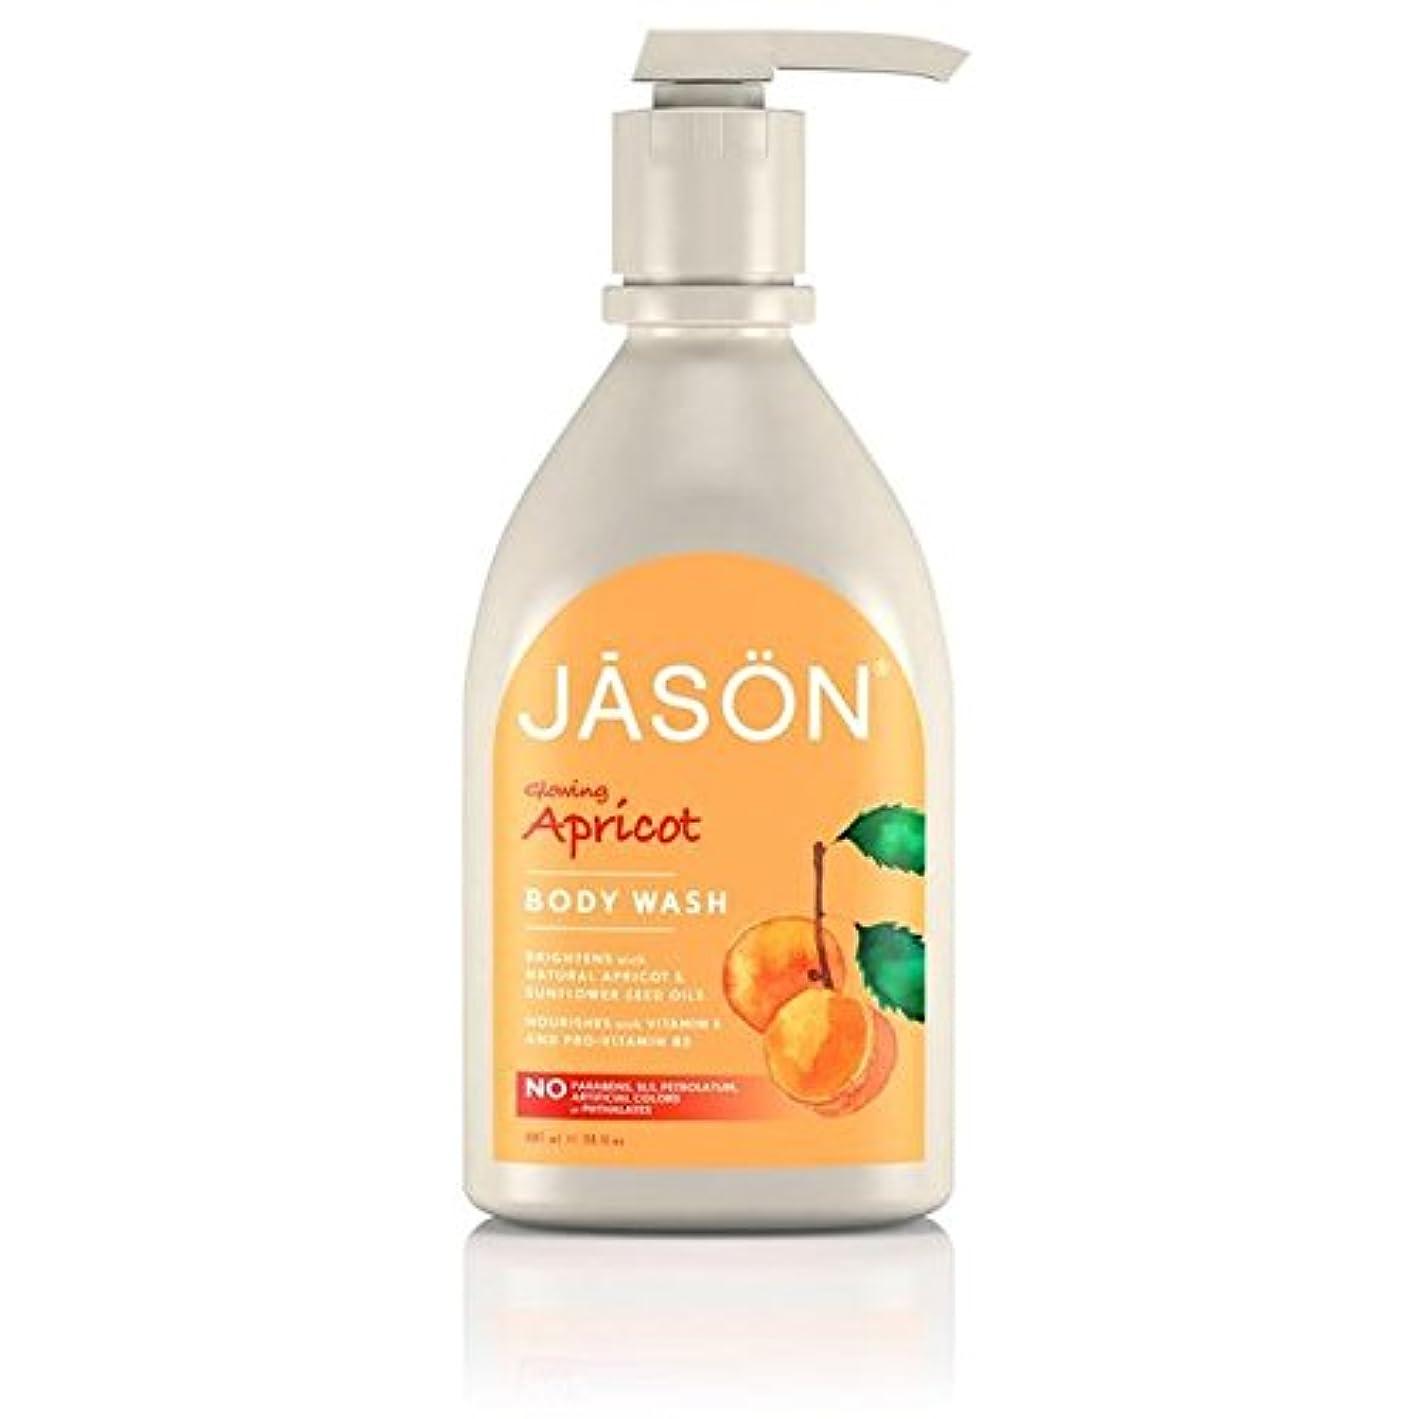 タンク書き出す行Jason Apricot Satin Body Wash Pump 900ml (Pack of 6) - ジェイソン?アプリコットサテンボディウォッシュポンプ900ミリリットル x6 [並行輸入品]